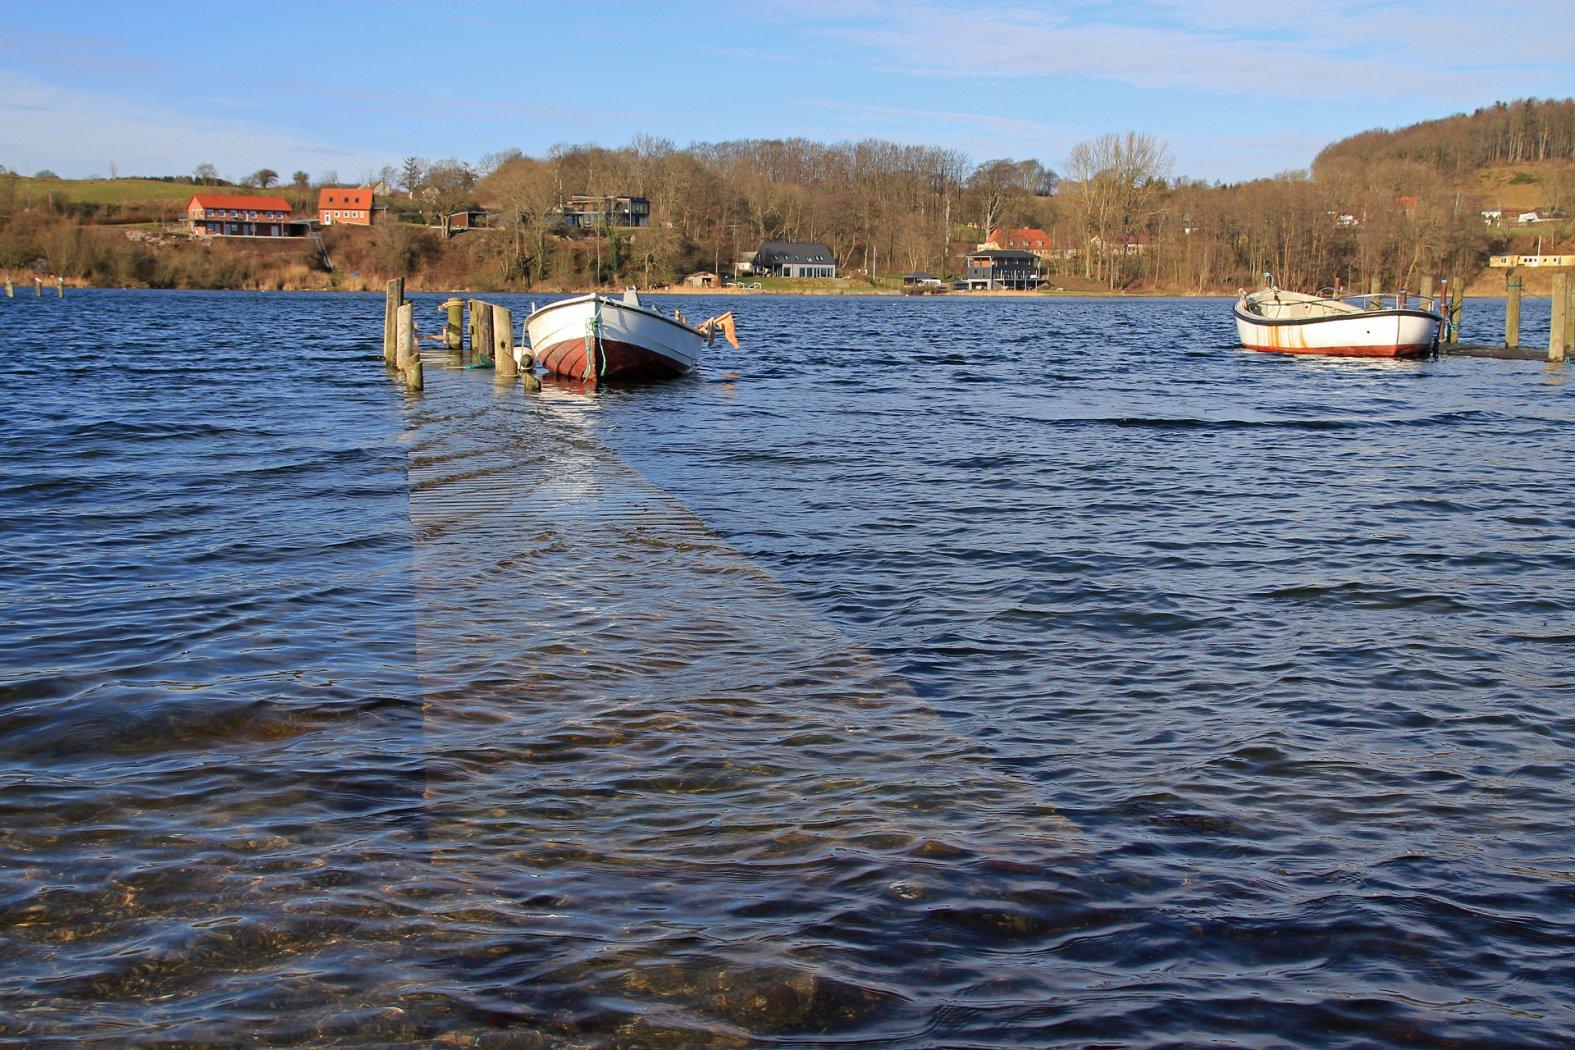 Hochwasser beim Meerforellenangeln